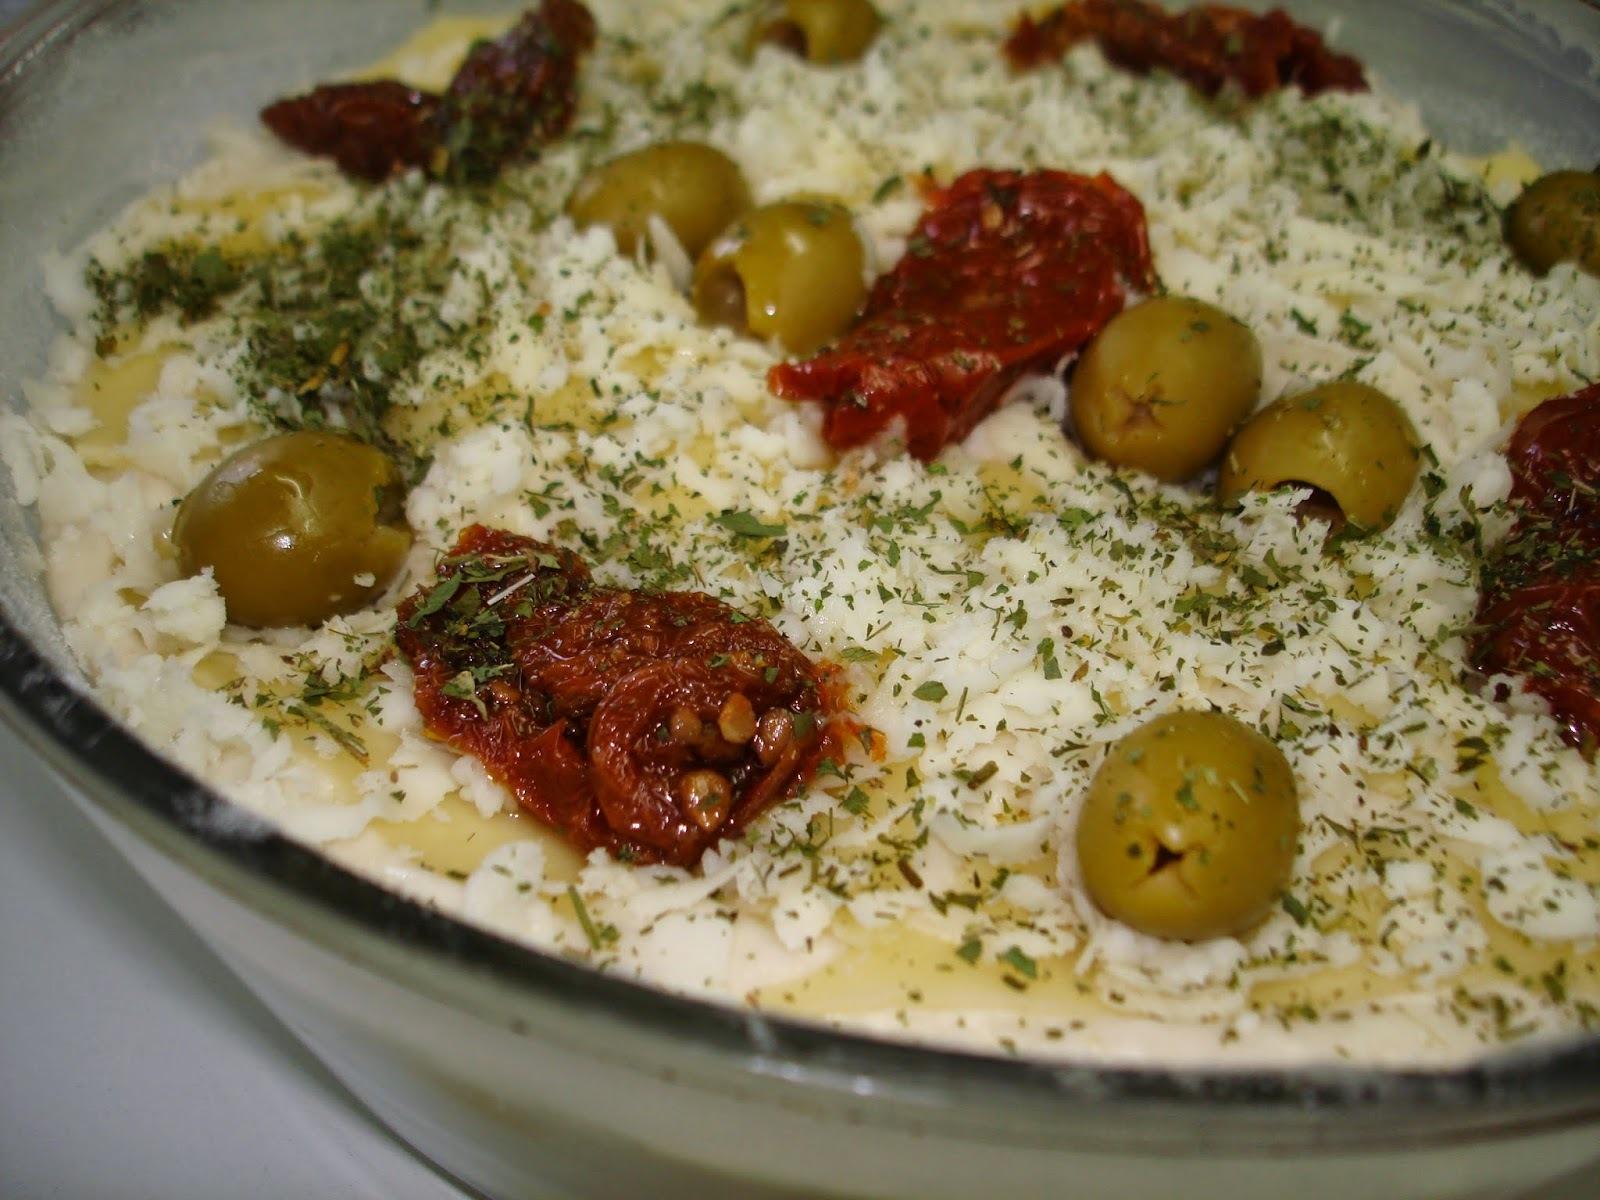 Frango em Cubinhos com Batata Baroa (Mandioquinha) e Creme de Queijo ao Forno: um prato fácil e gostoso!